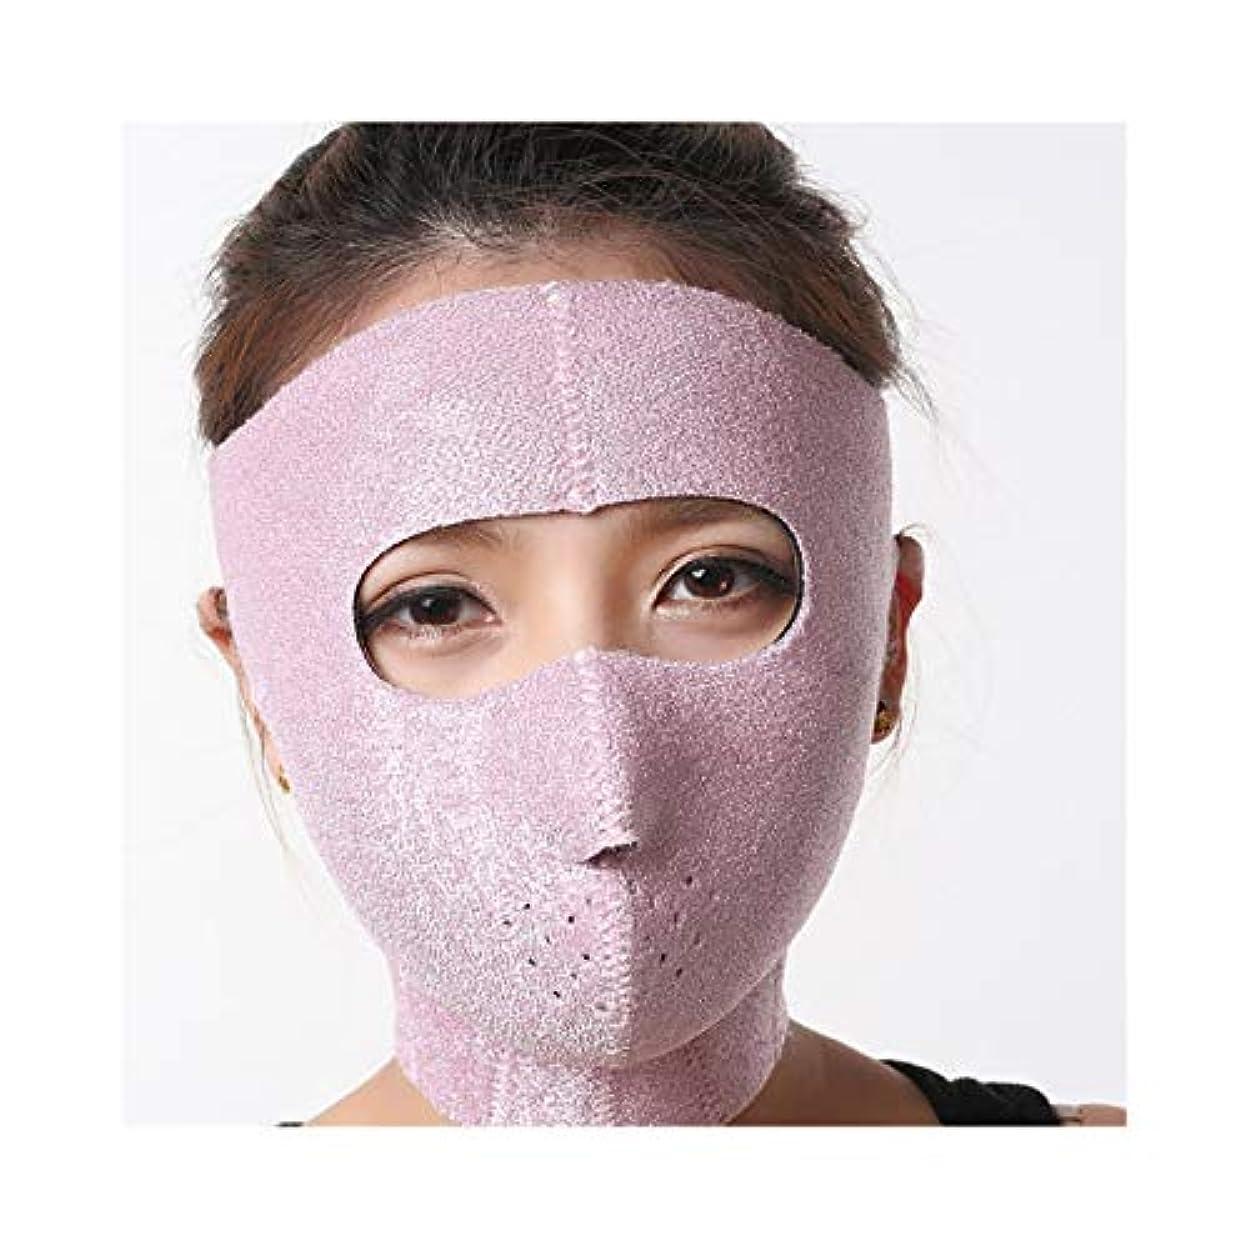 GLJJQMY スリムベルトマスク薄い顔マスク睡眠薄い顔マスク薄い顔包帯薄い顔アーティファクト薄い顔薄い顔薄い顔小さいV顔睡眠薄い顔ベルト 顔用整形マスク